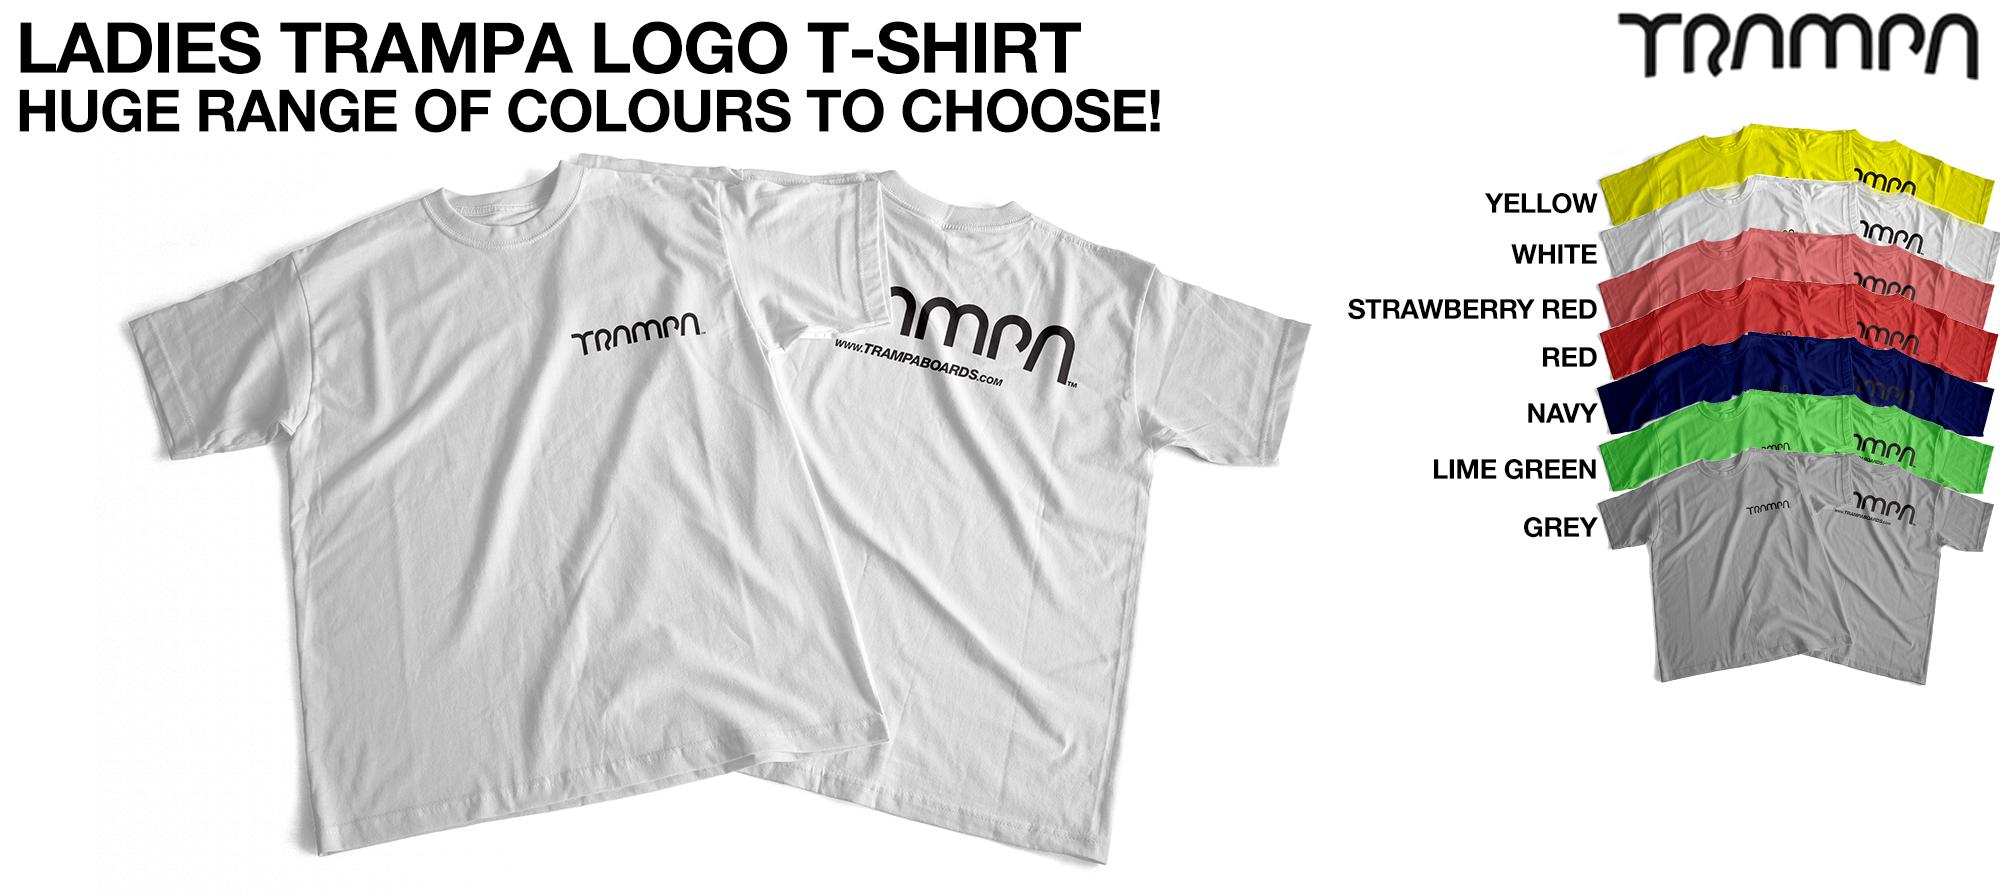 Ladies TRAMPA LOGO T Shirt - Huge range of colours to choose!